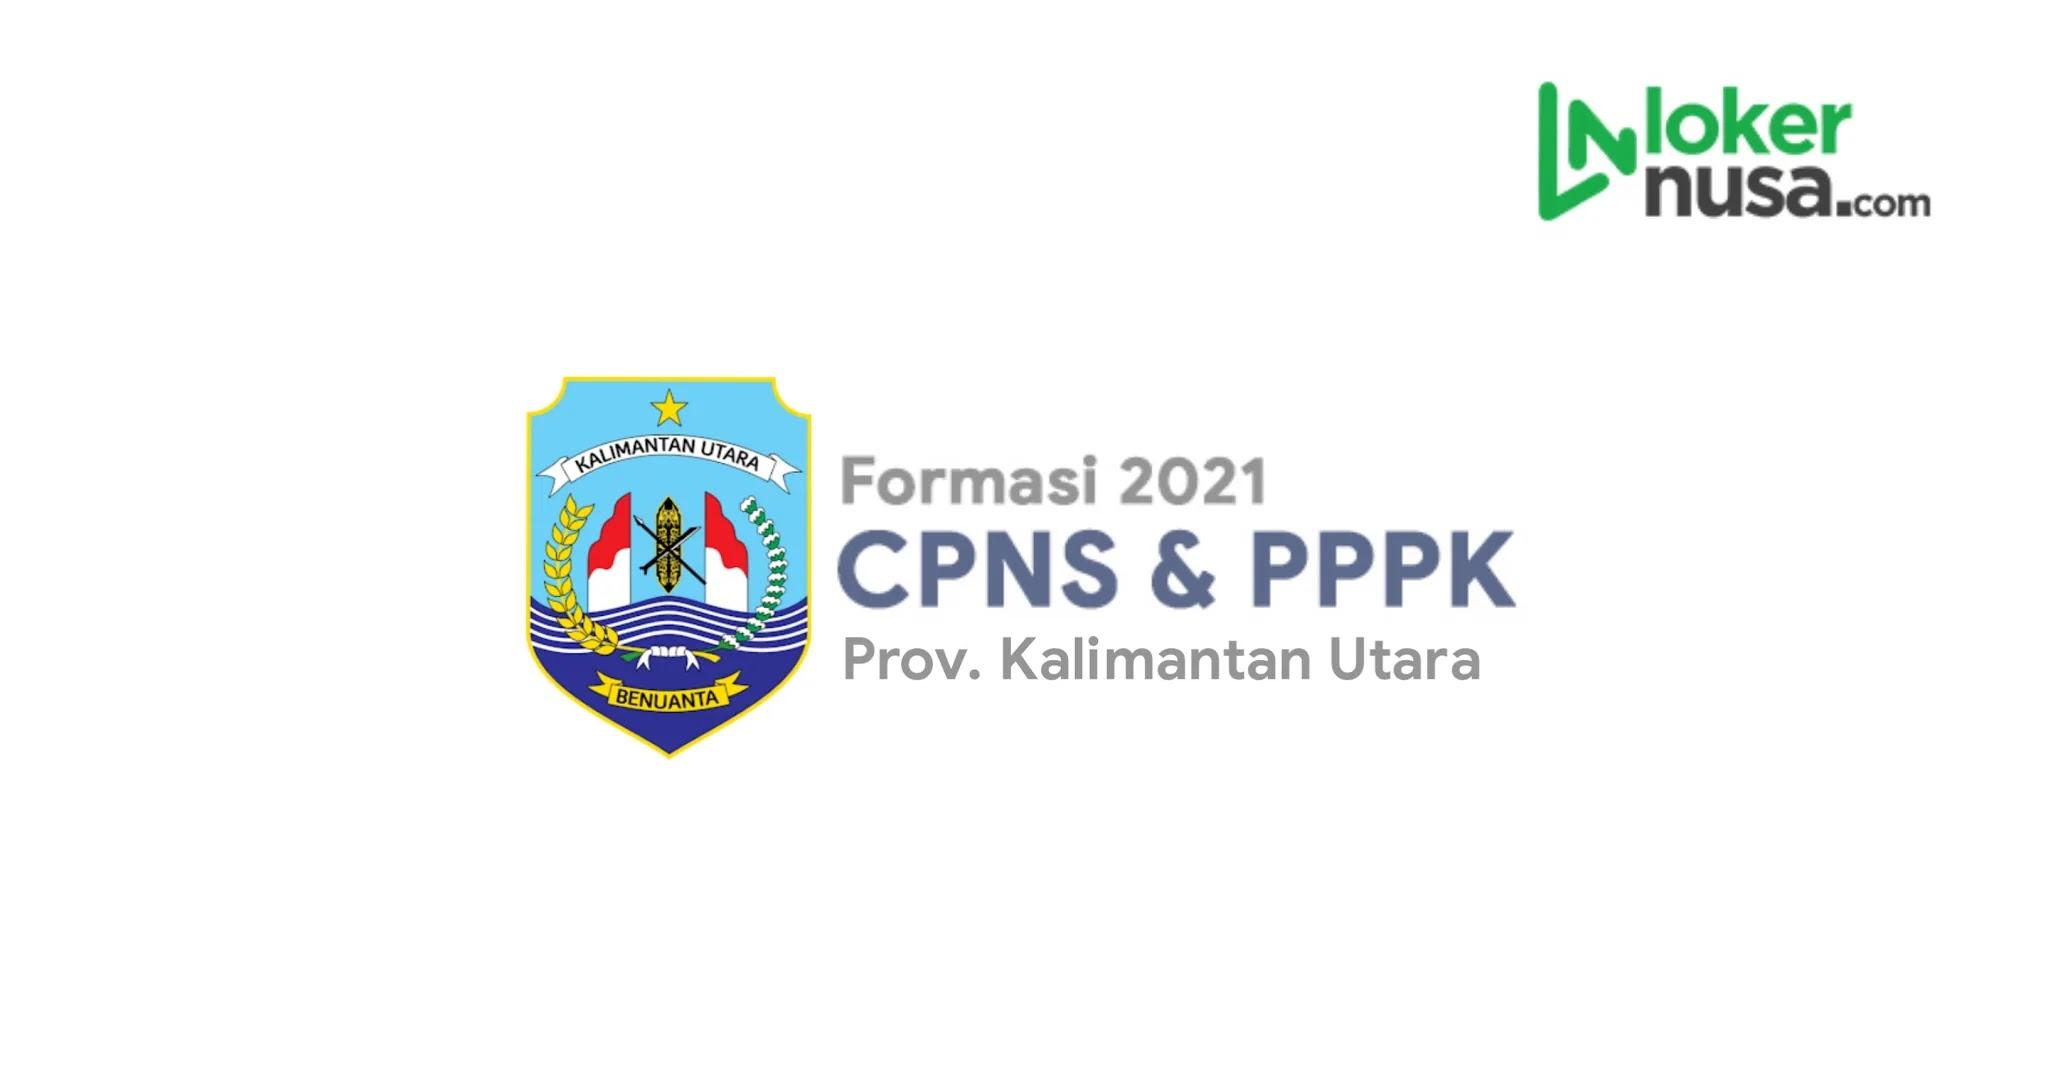 CPNS Kalimantan Utara